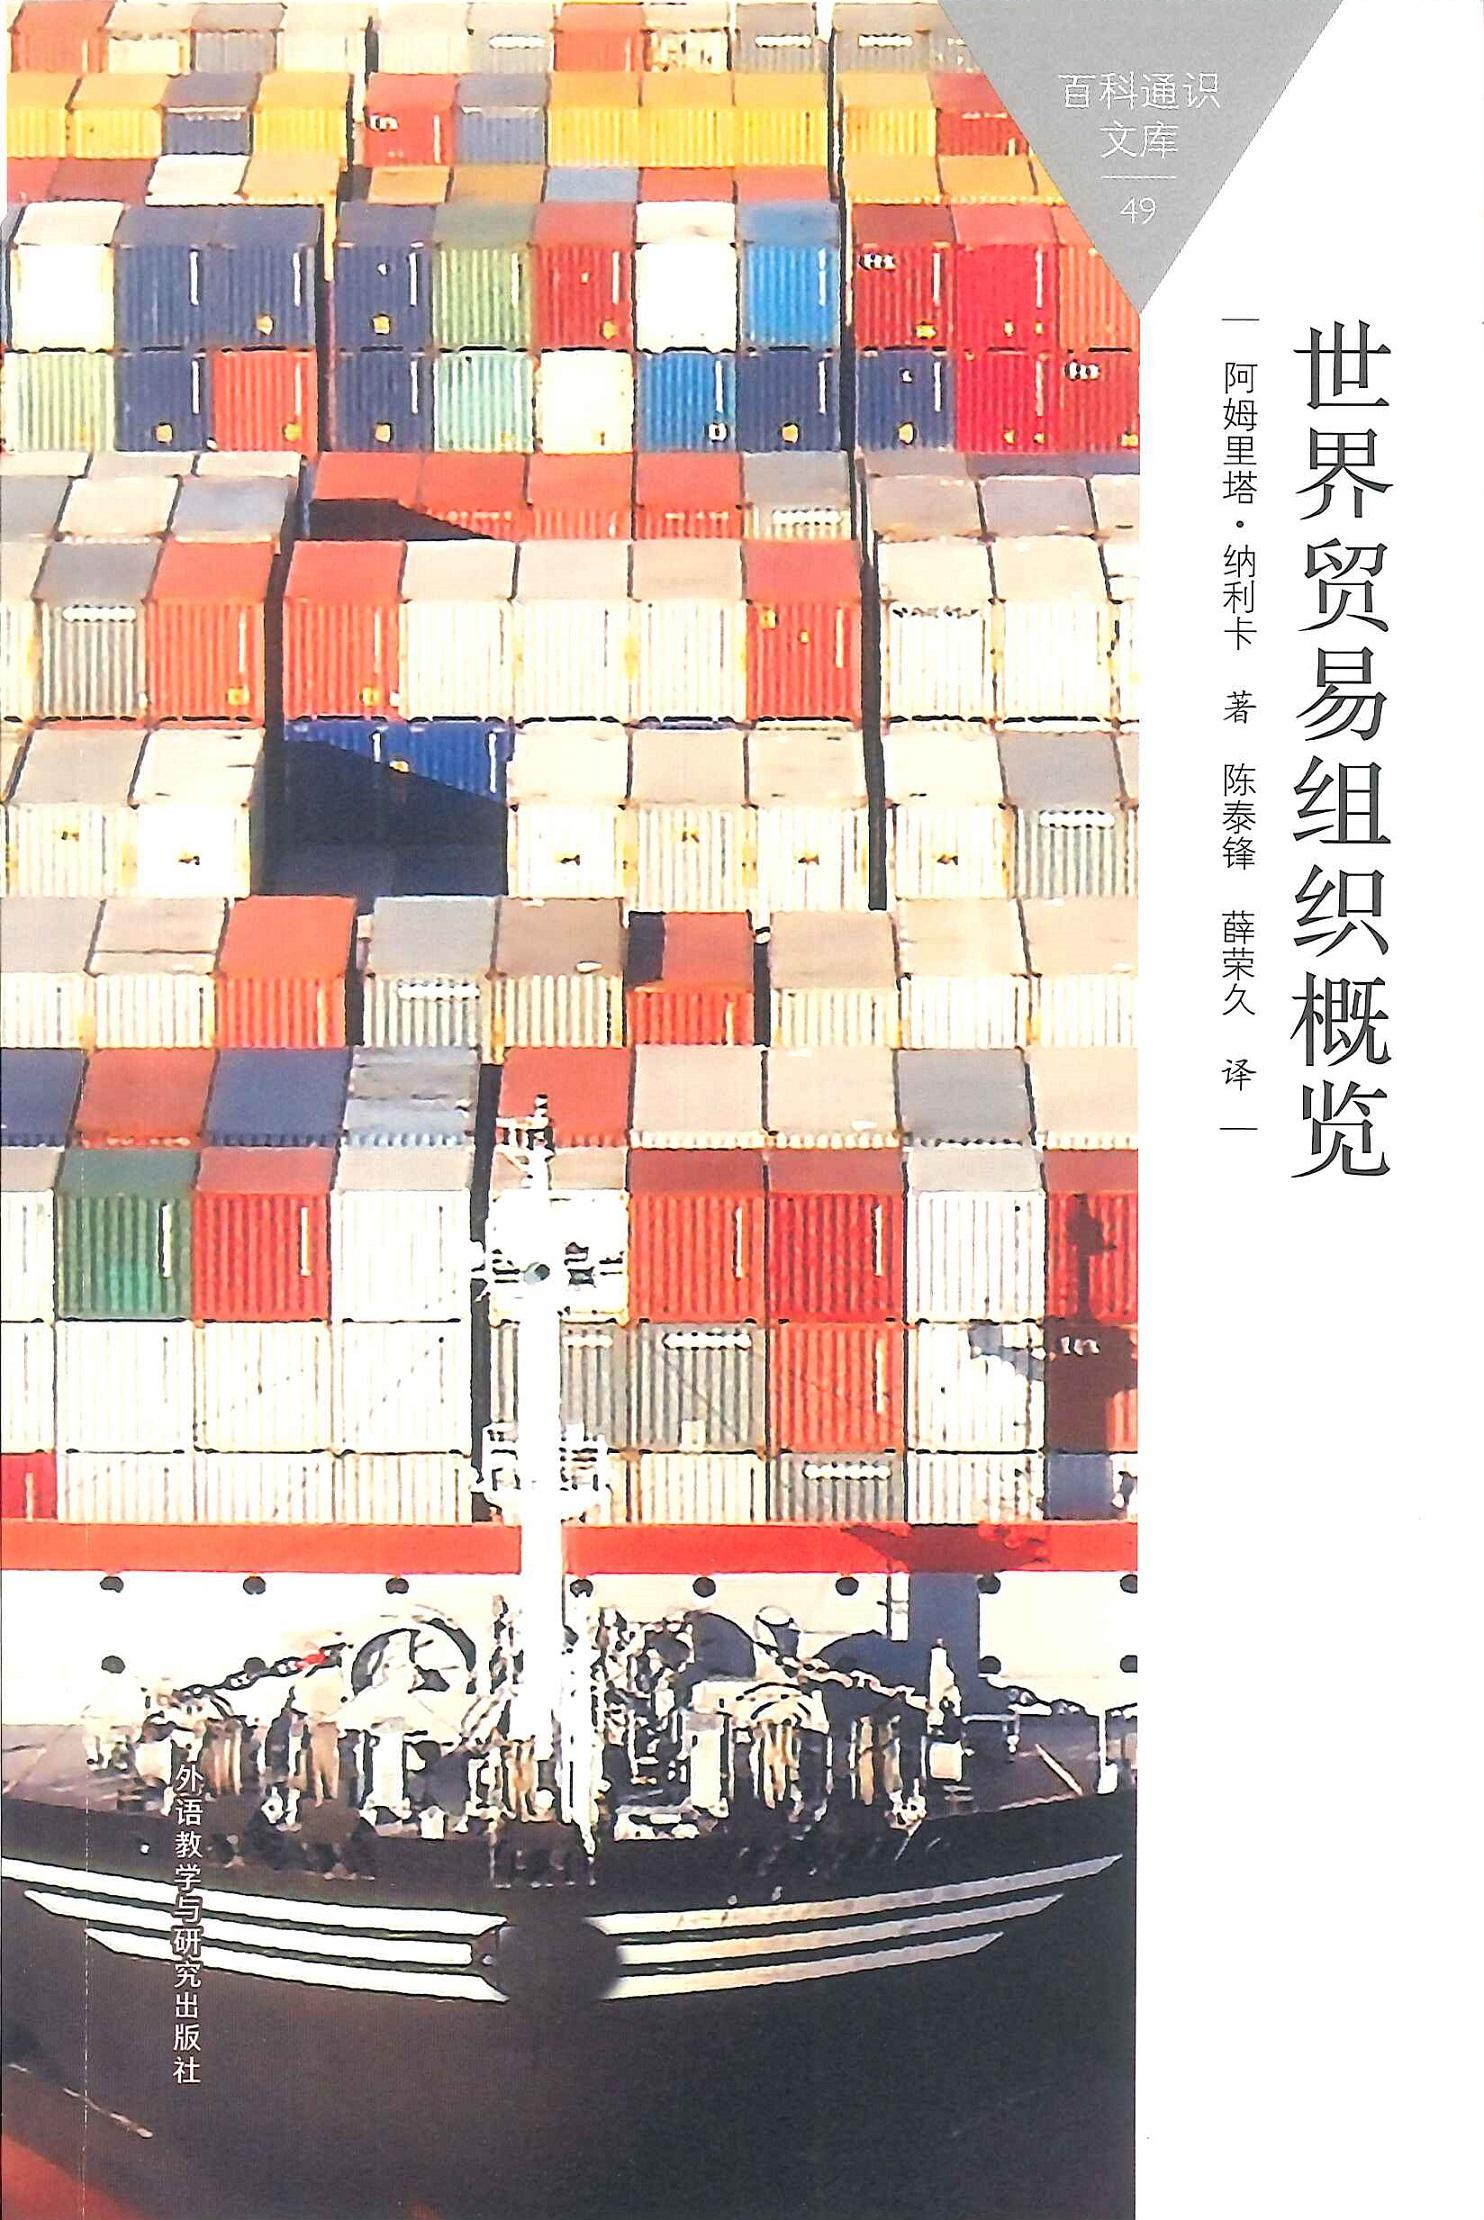 世界贸易组织概览